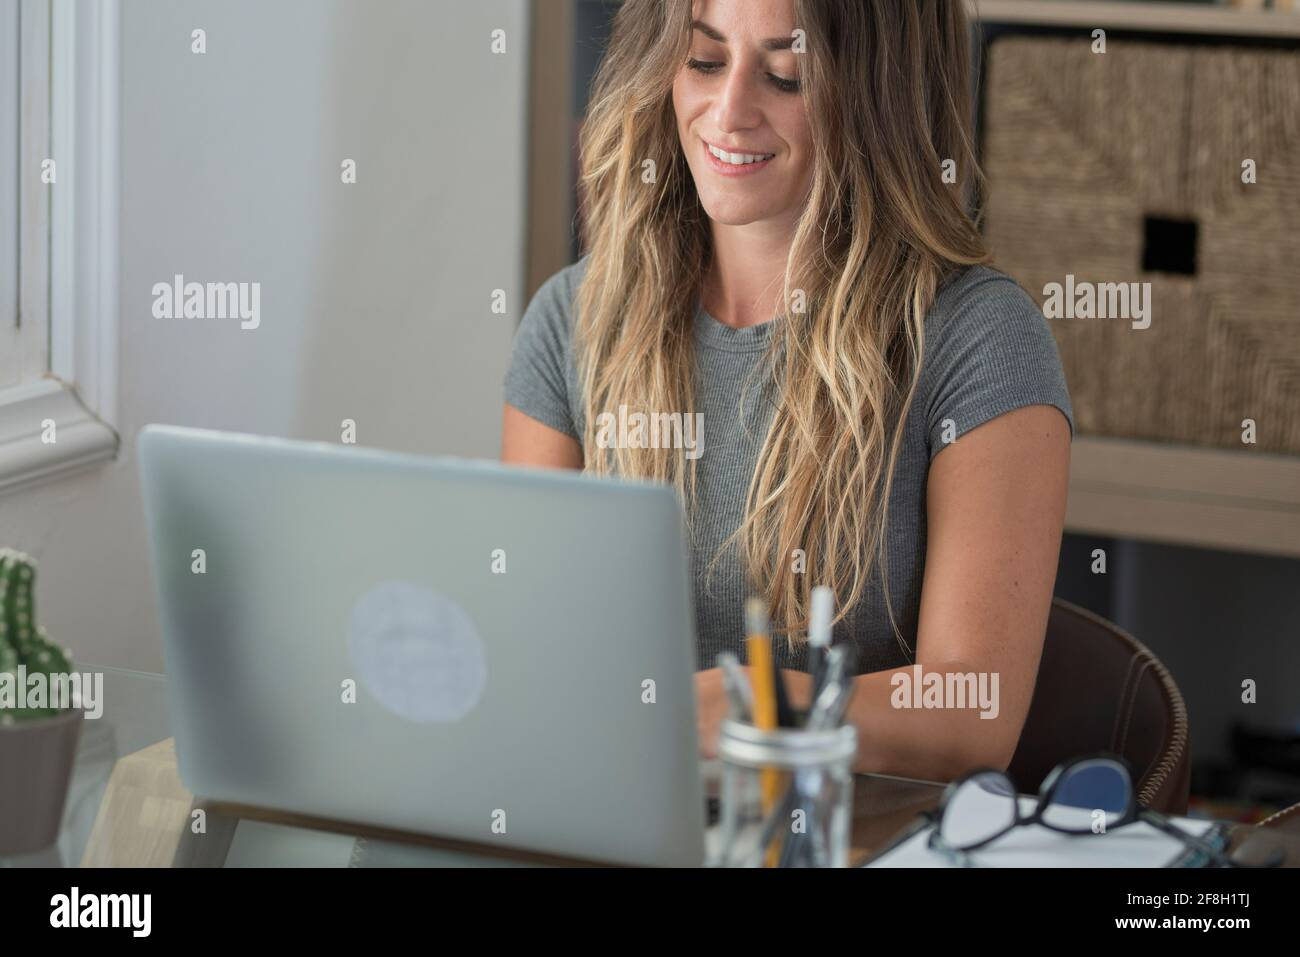 Mujer adulta tipo en el ordenador portátil y sonrisa feliz por trabajo inteligente libre de la actividad de oficina en casa - la gente moderna en línea estilo de vida de trabajo remoto - fem Foto de stock